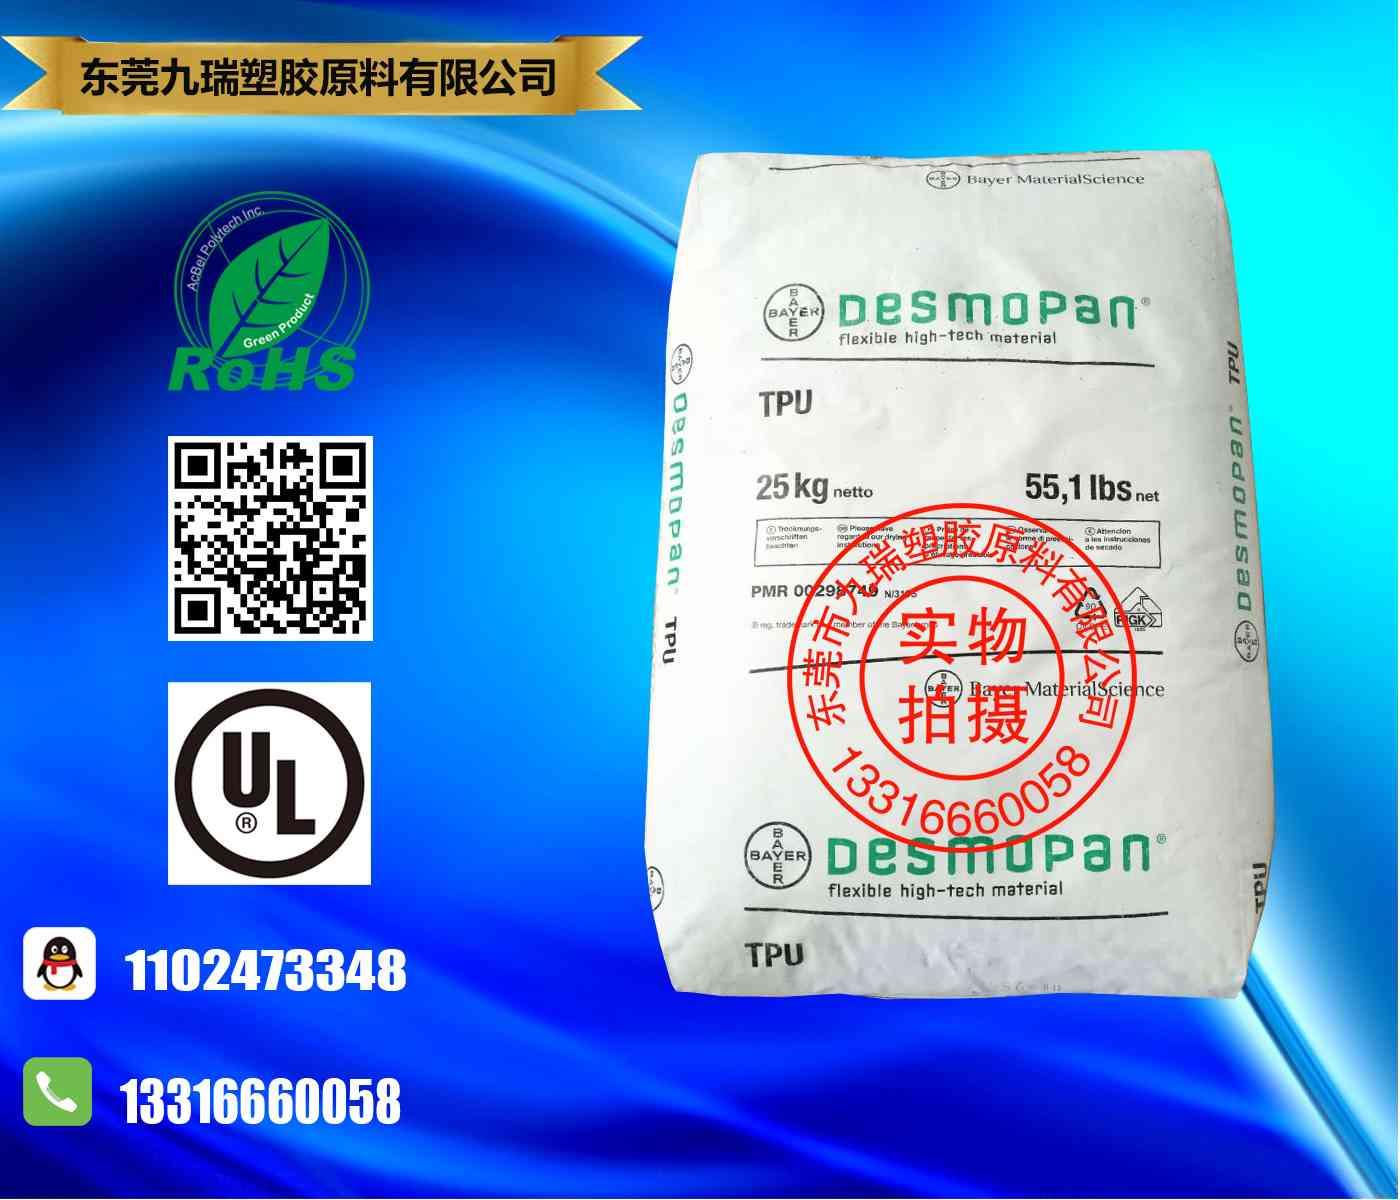 超透明抗紫外线TPU 9662DU